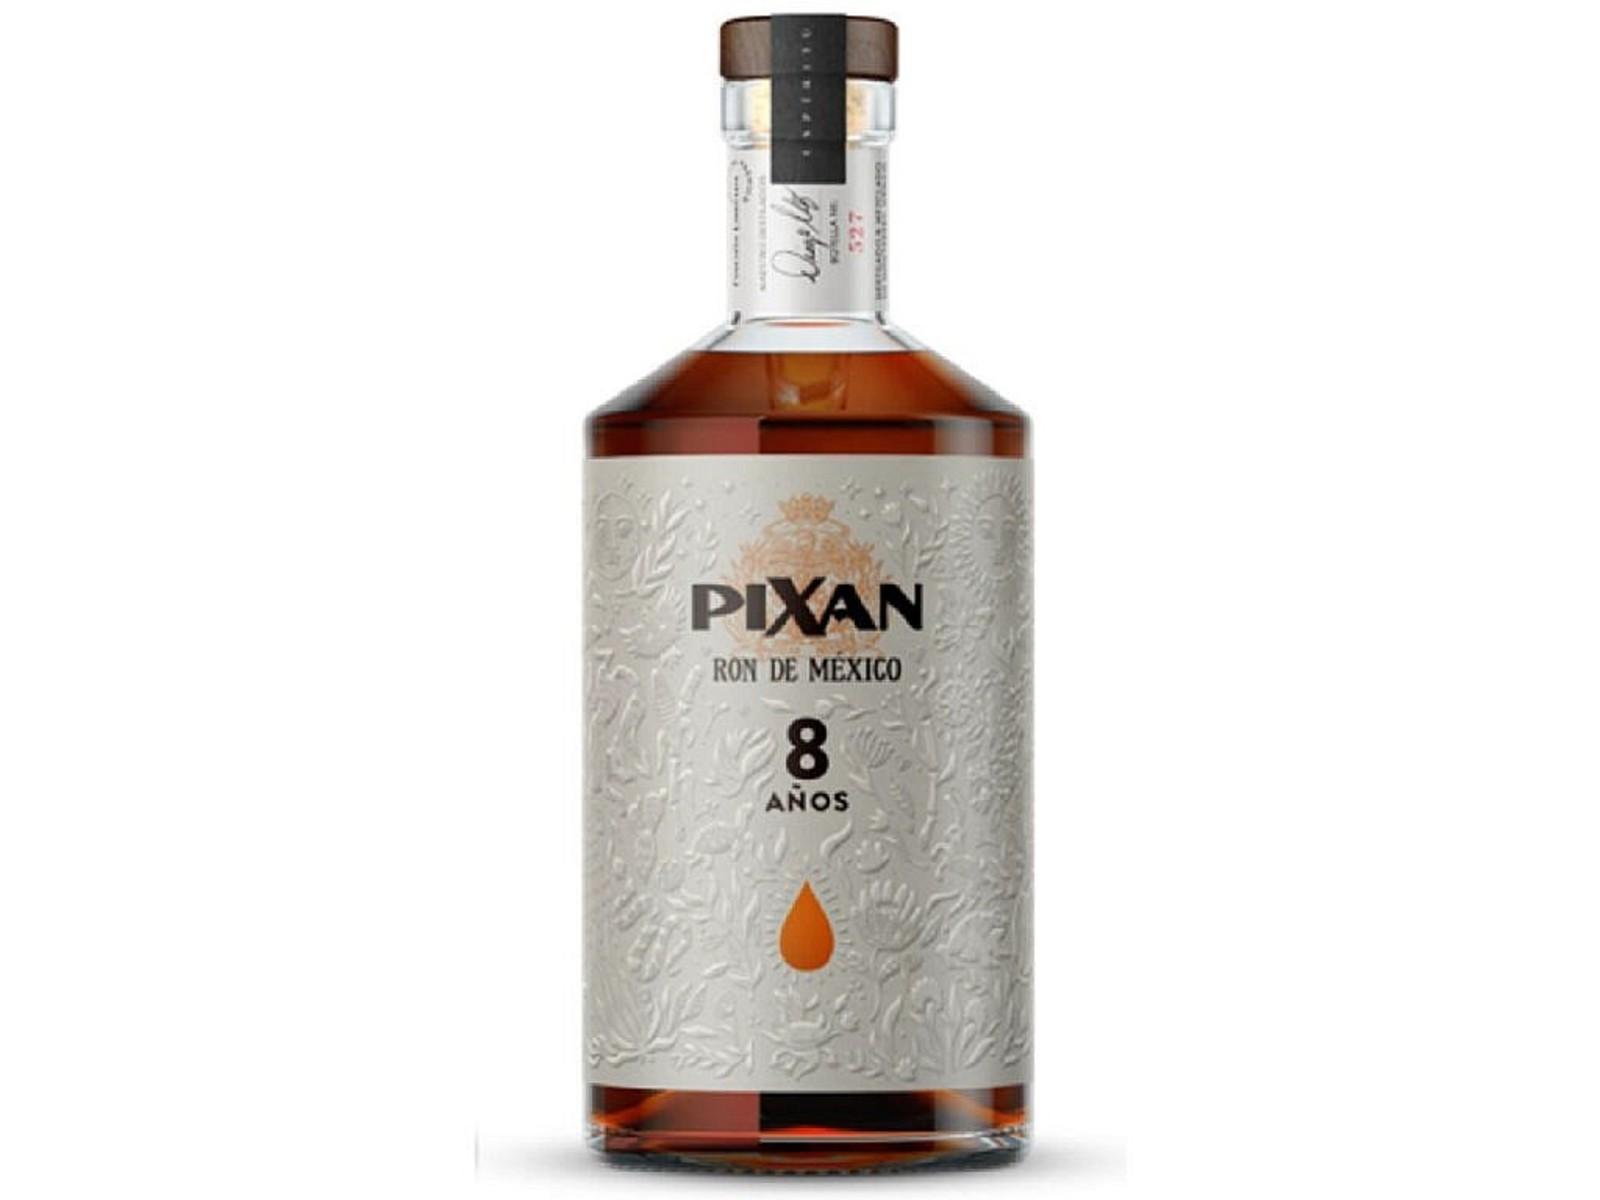 Pixan Ron du Mexico / 8 yo